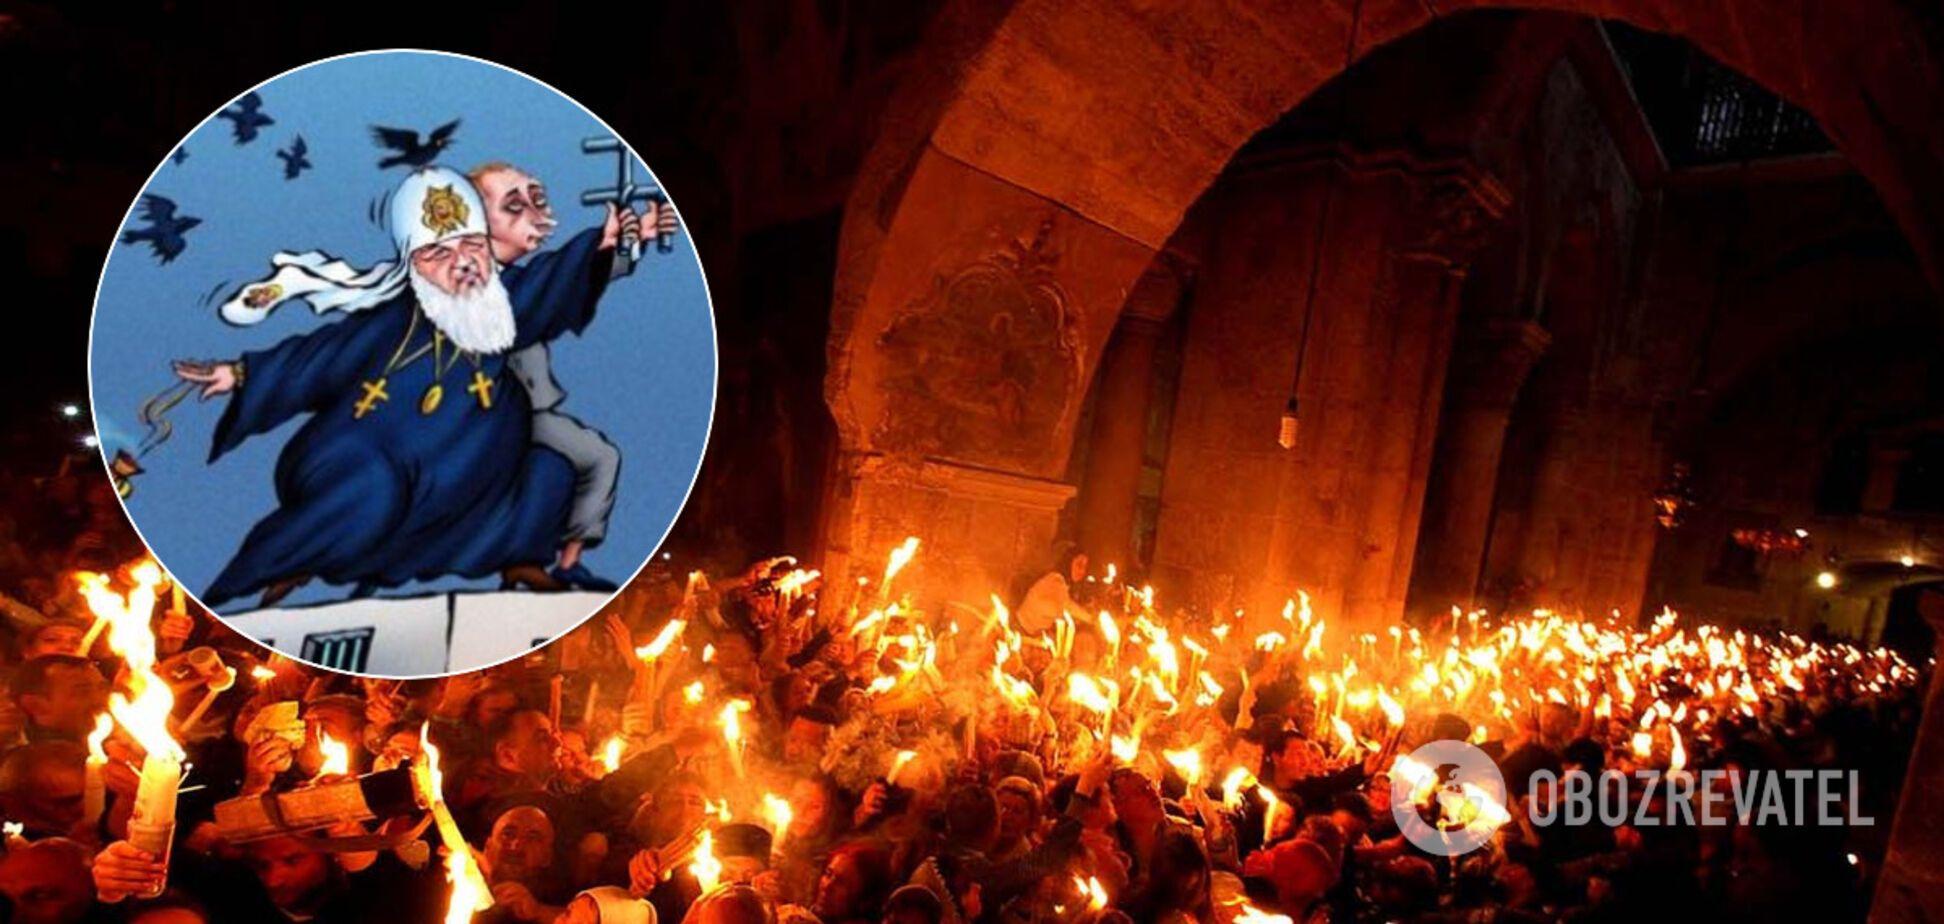 Священик ПЦУ передрік кінець 'русского міра' в переддень Великодня